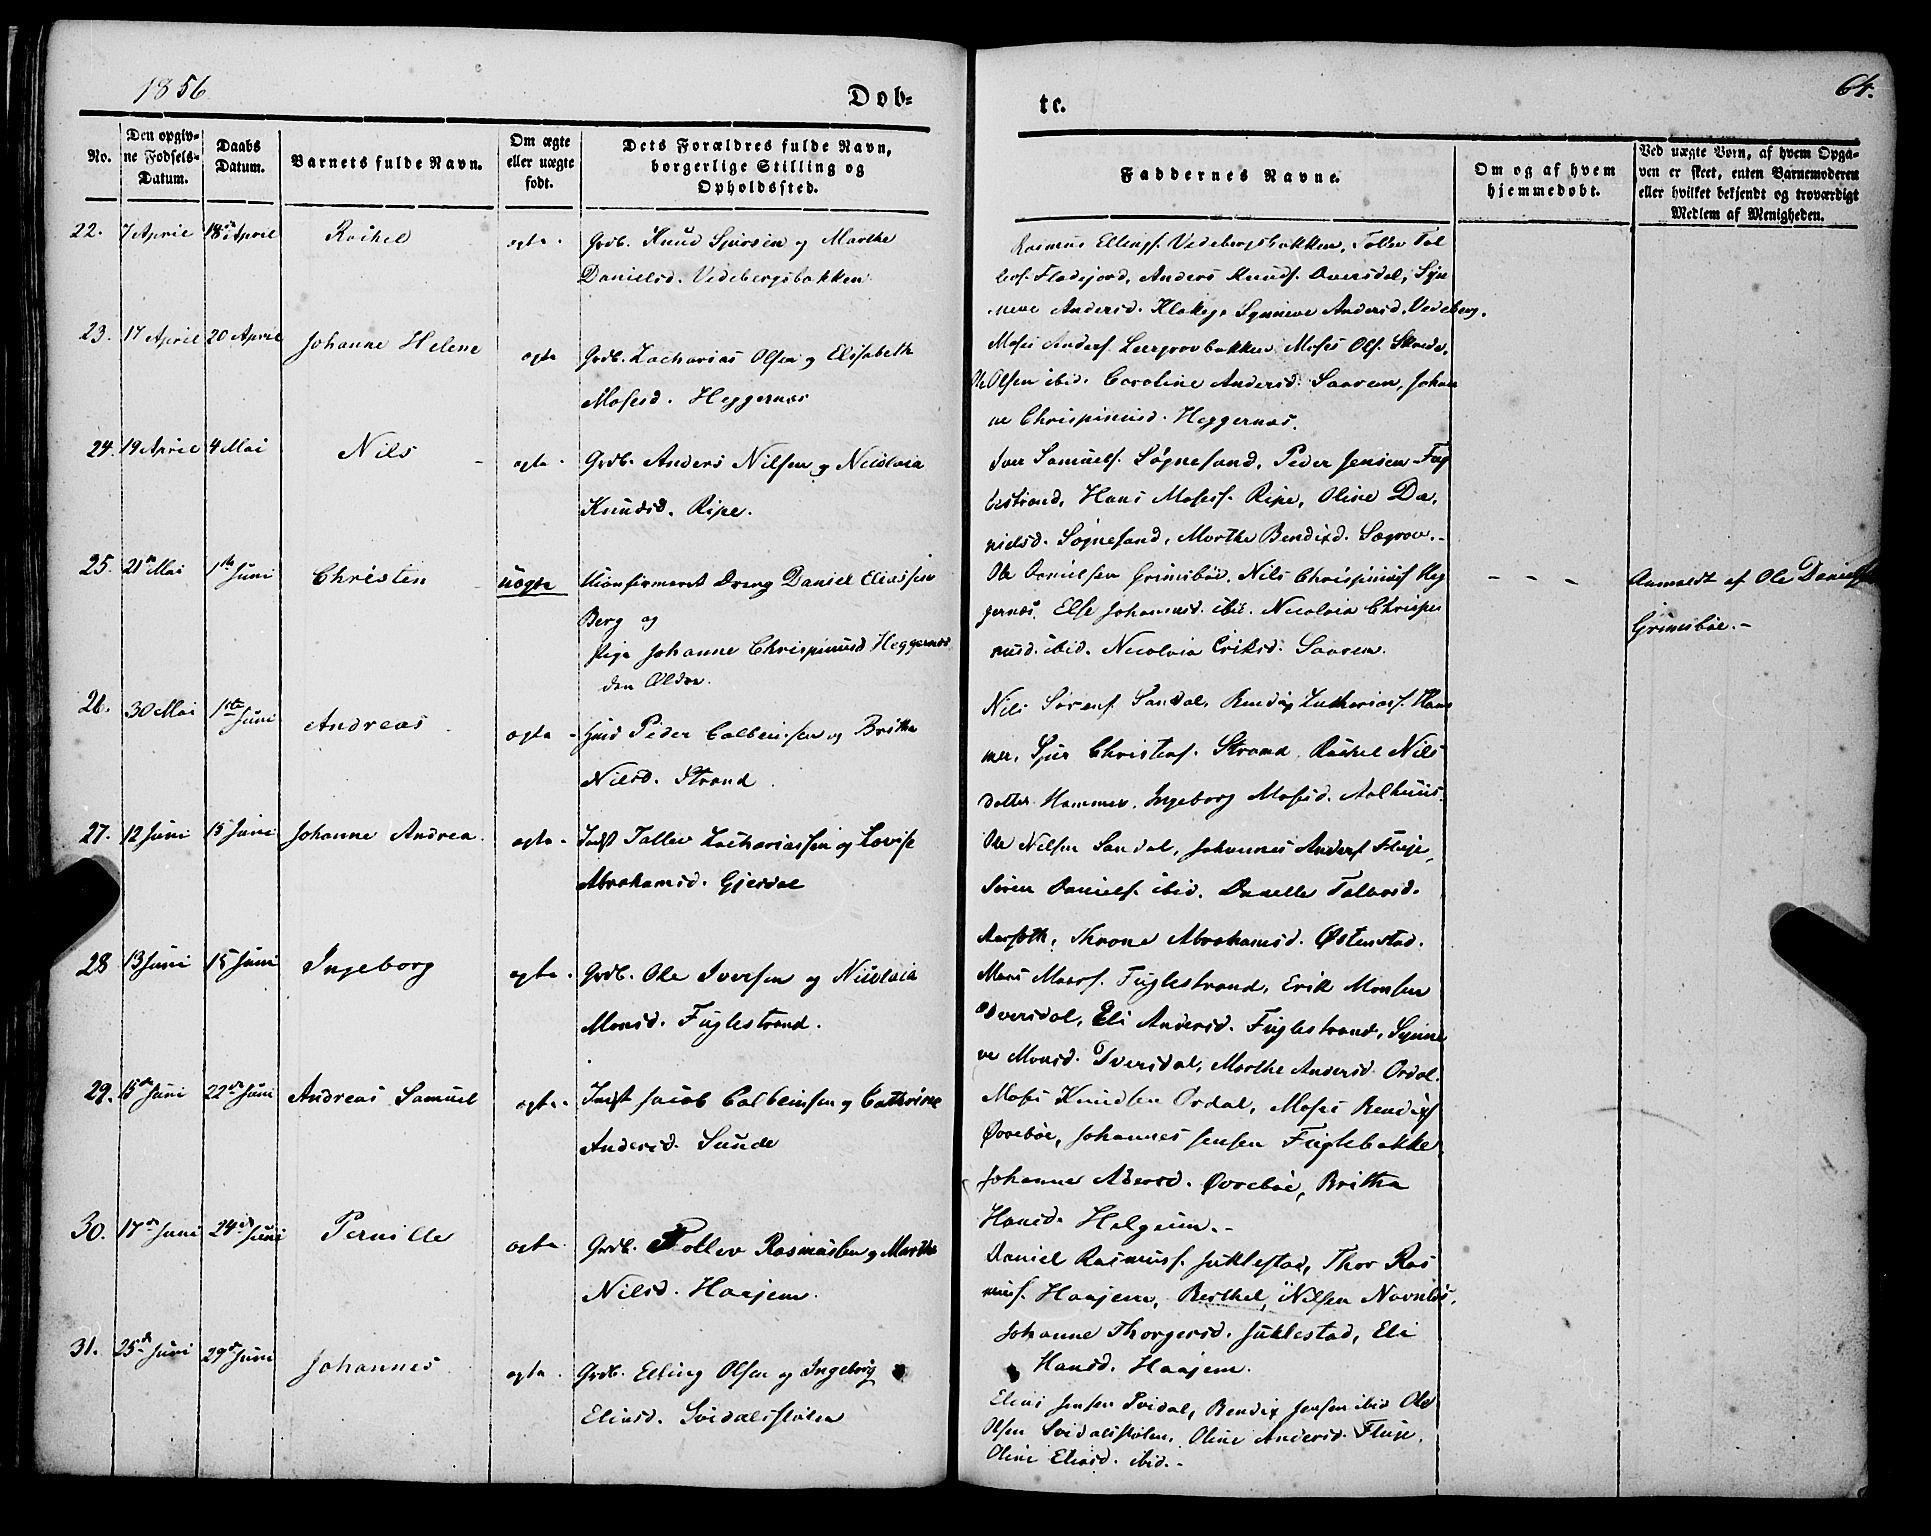 SAB, Jølster sokneprestembete, H/Haa/Haaa/L0010: Ministerialbok nr. A 10, 1847-1865, s. 64